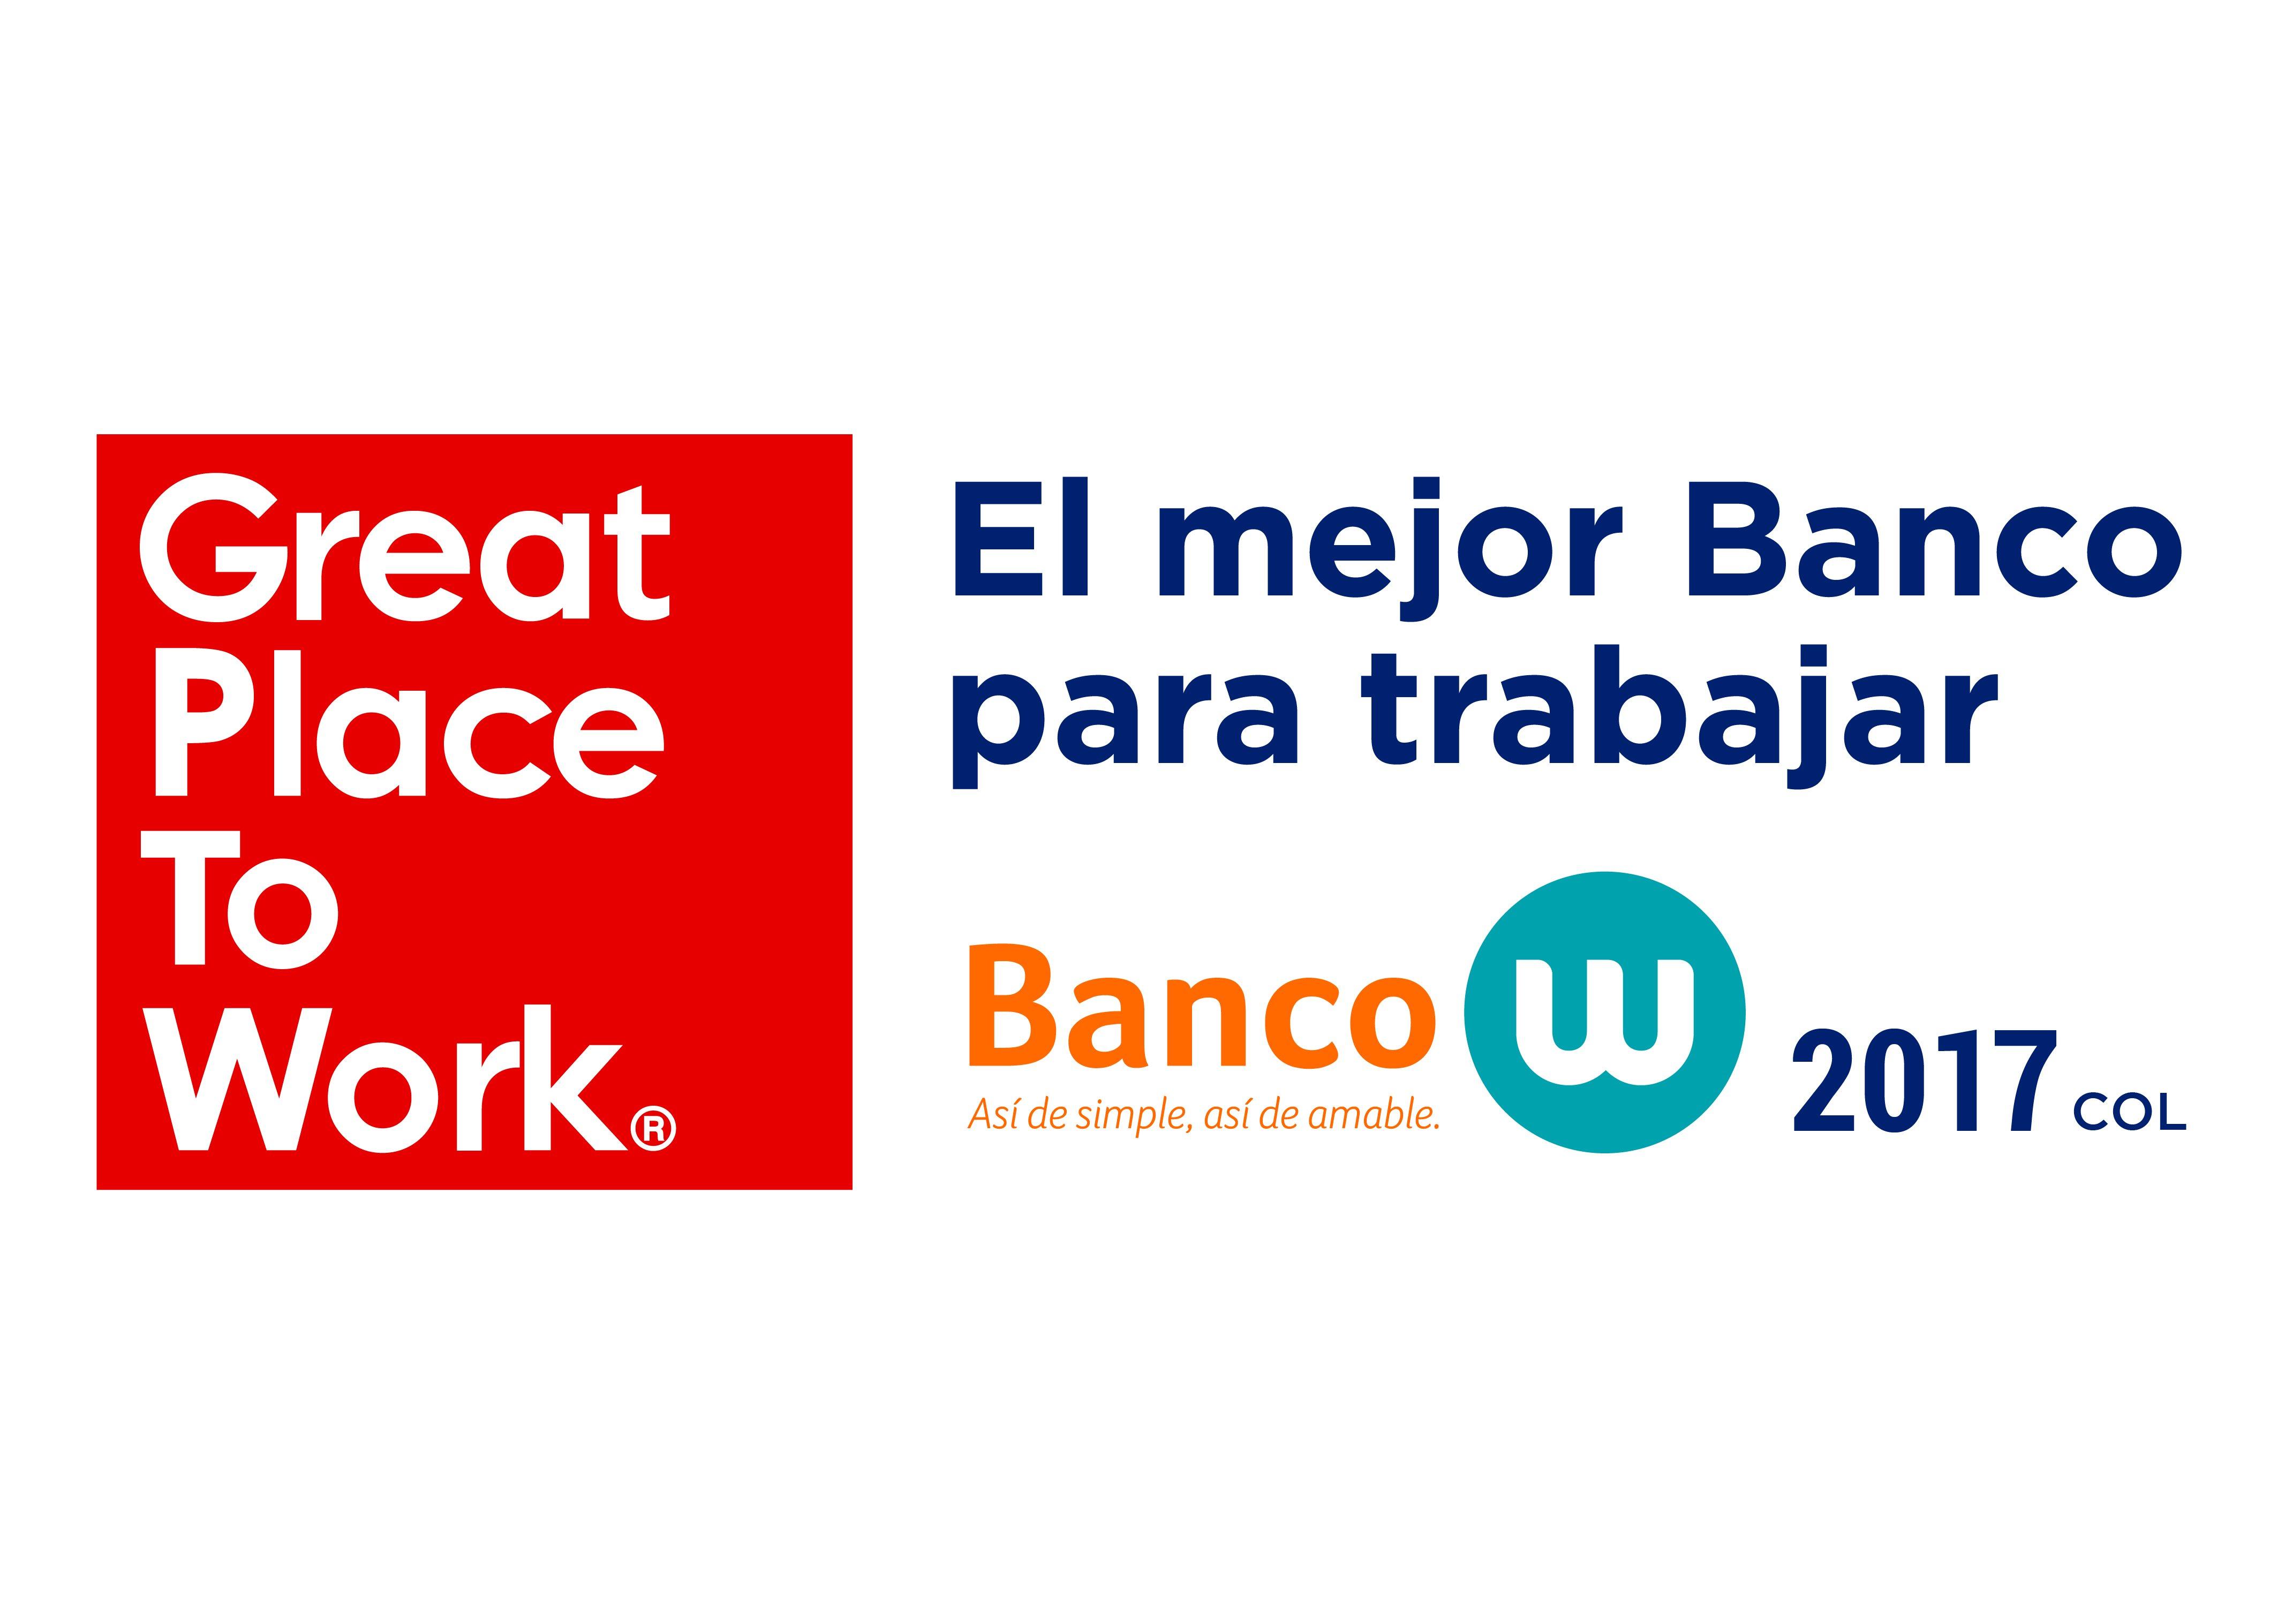 BANCO W S.A.